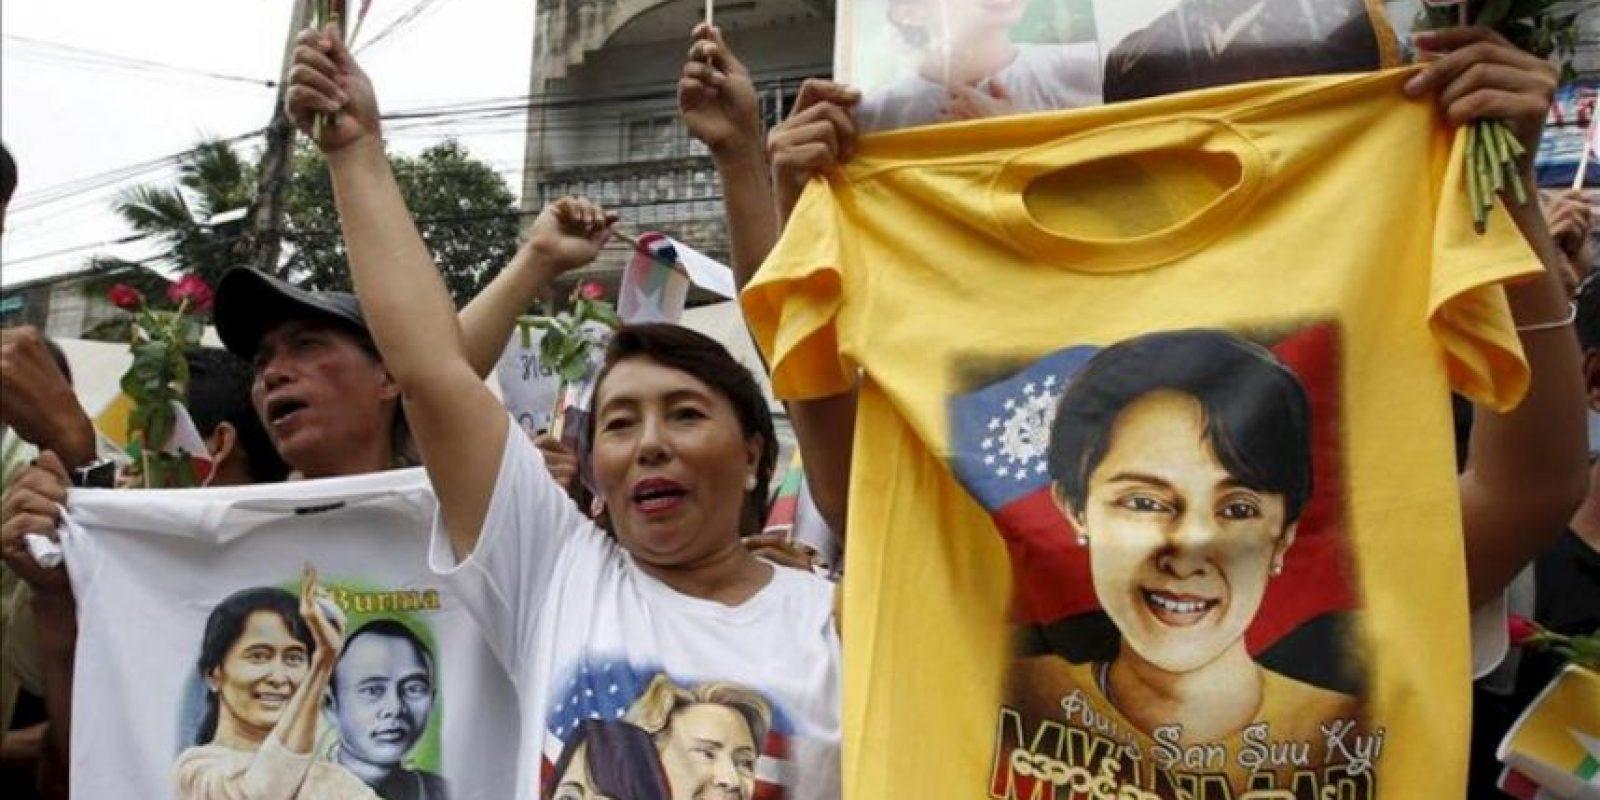 Birmanos muestran camisetas con fotografías de la líder opositora birmana, Aung San Suu Kyi, durante la visita que realizó la Nobel de la paz a un centro de migración birmano en la provincia de Samut Sakhon (Tailandia), en el primer viaje al extranjero que realiza desde 1988. EFE